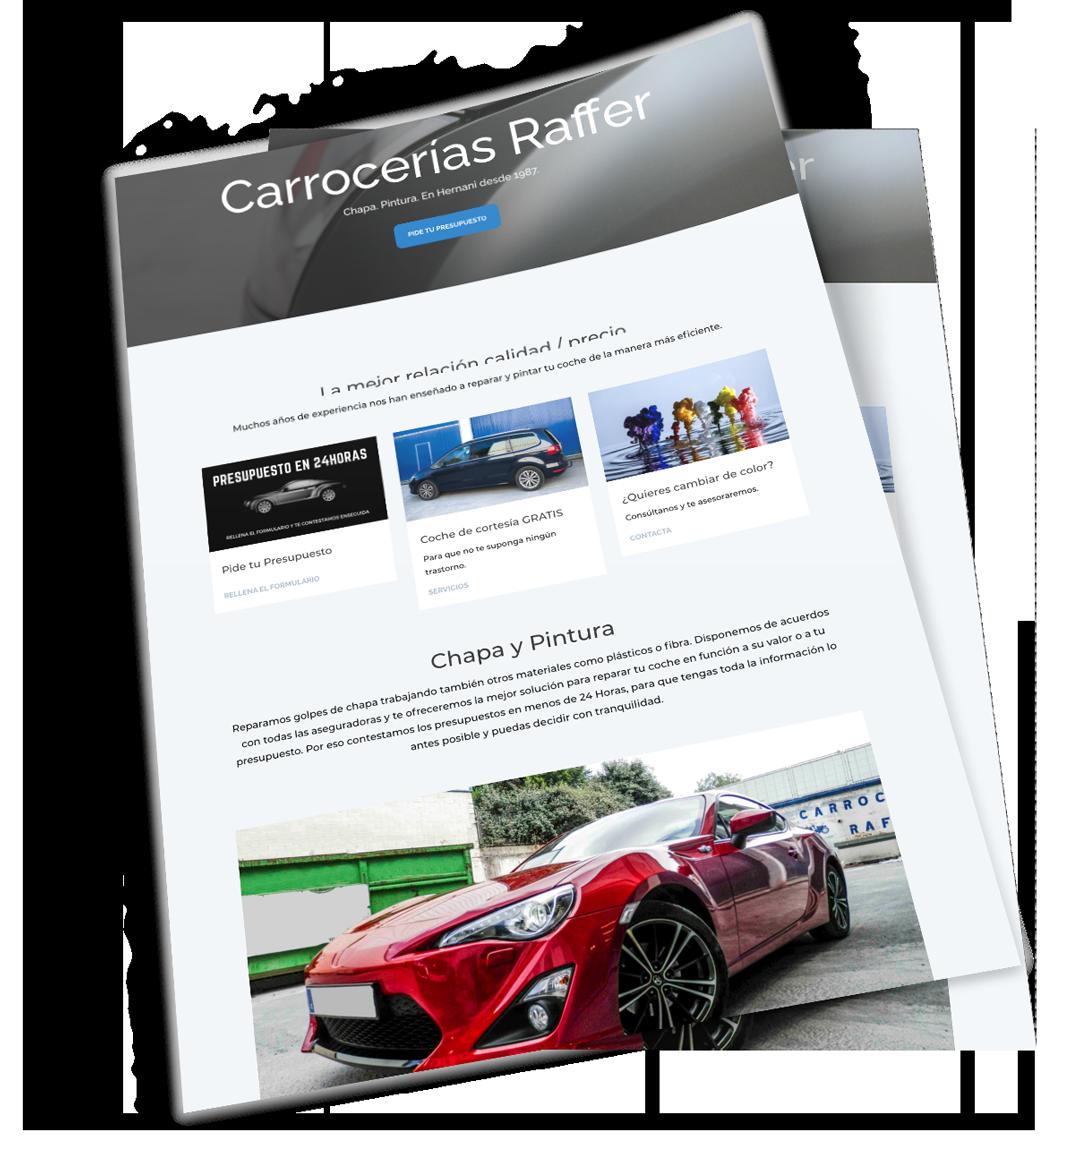 diseño-web-glob-y-redaccion-de-contenidos-de-carroceriasraffer.com-por-seik-1